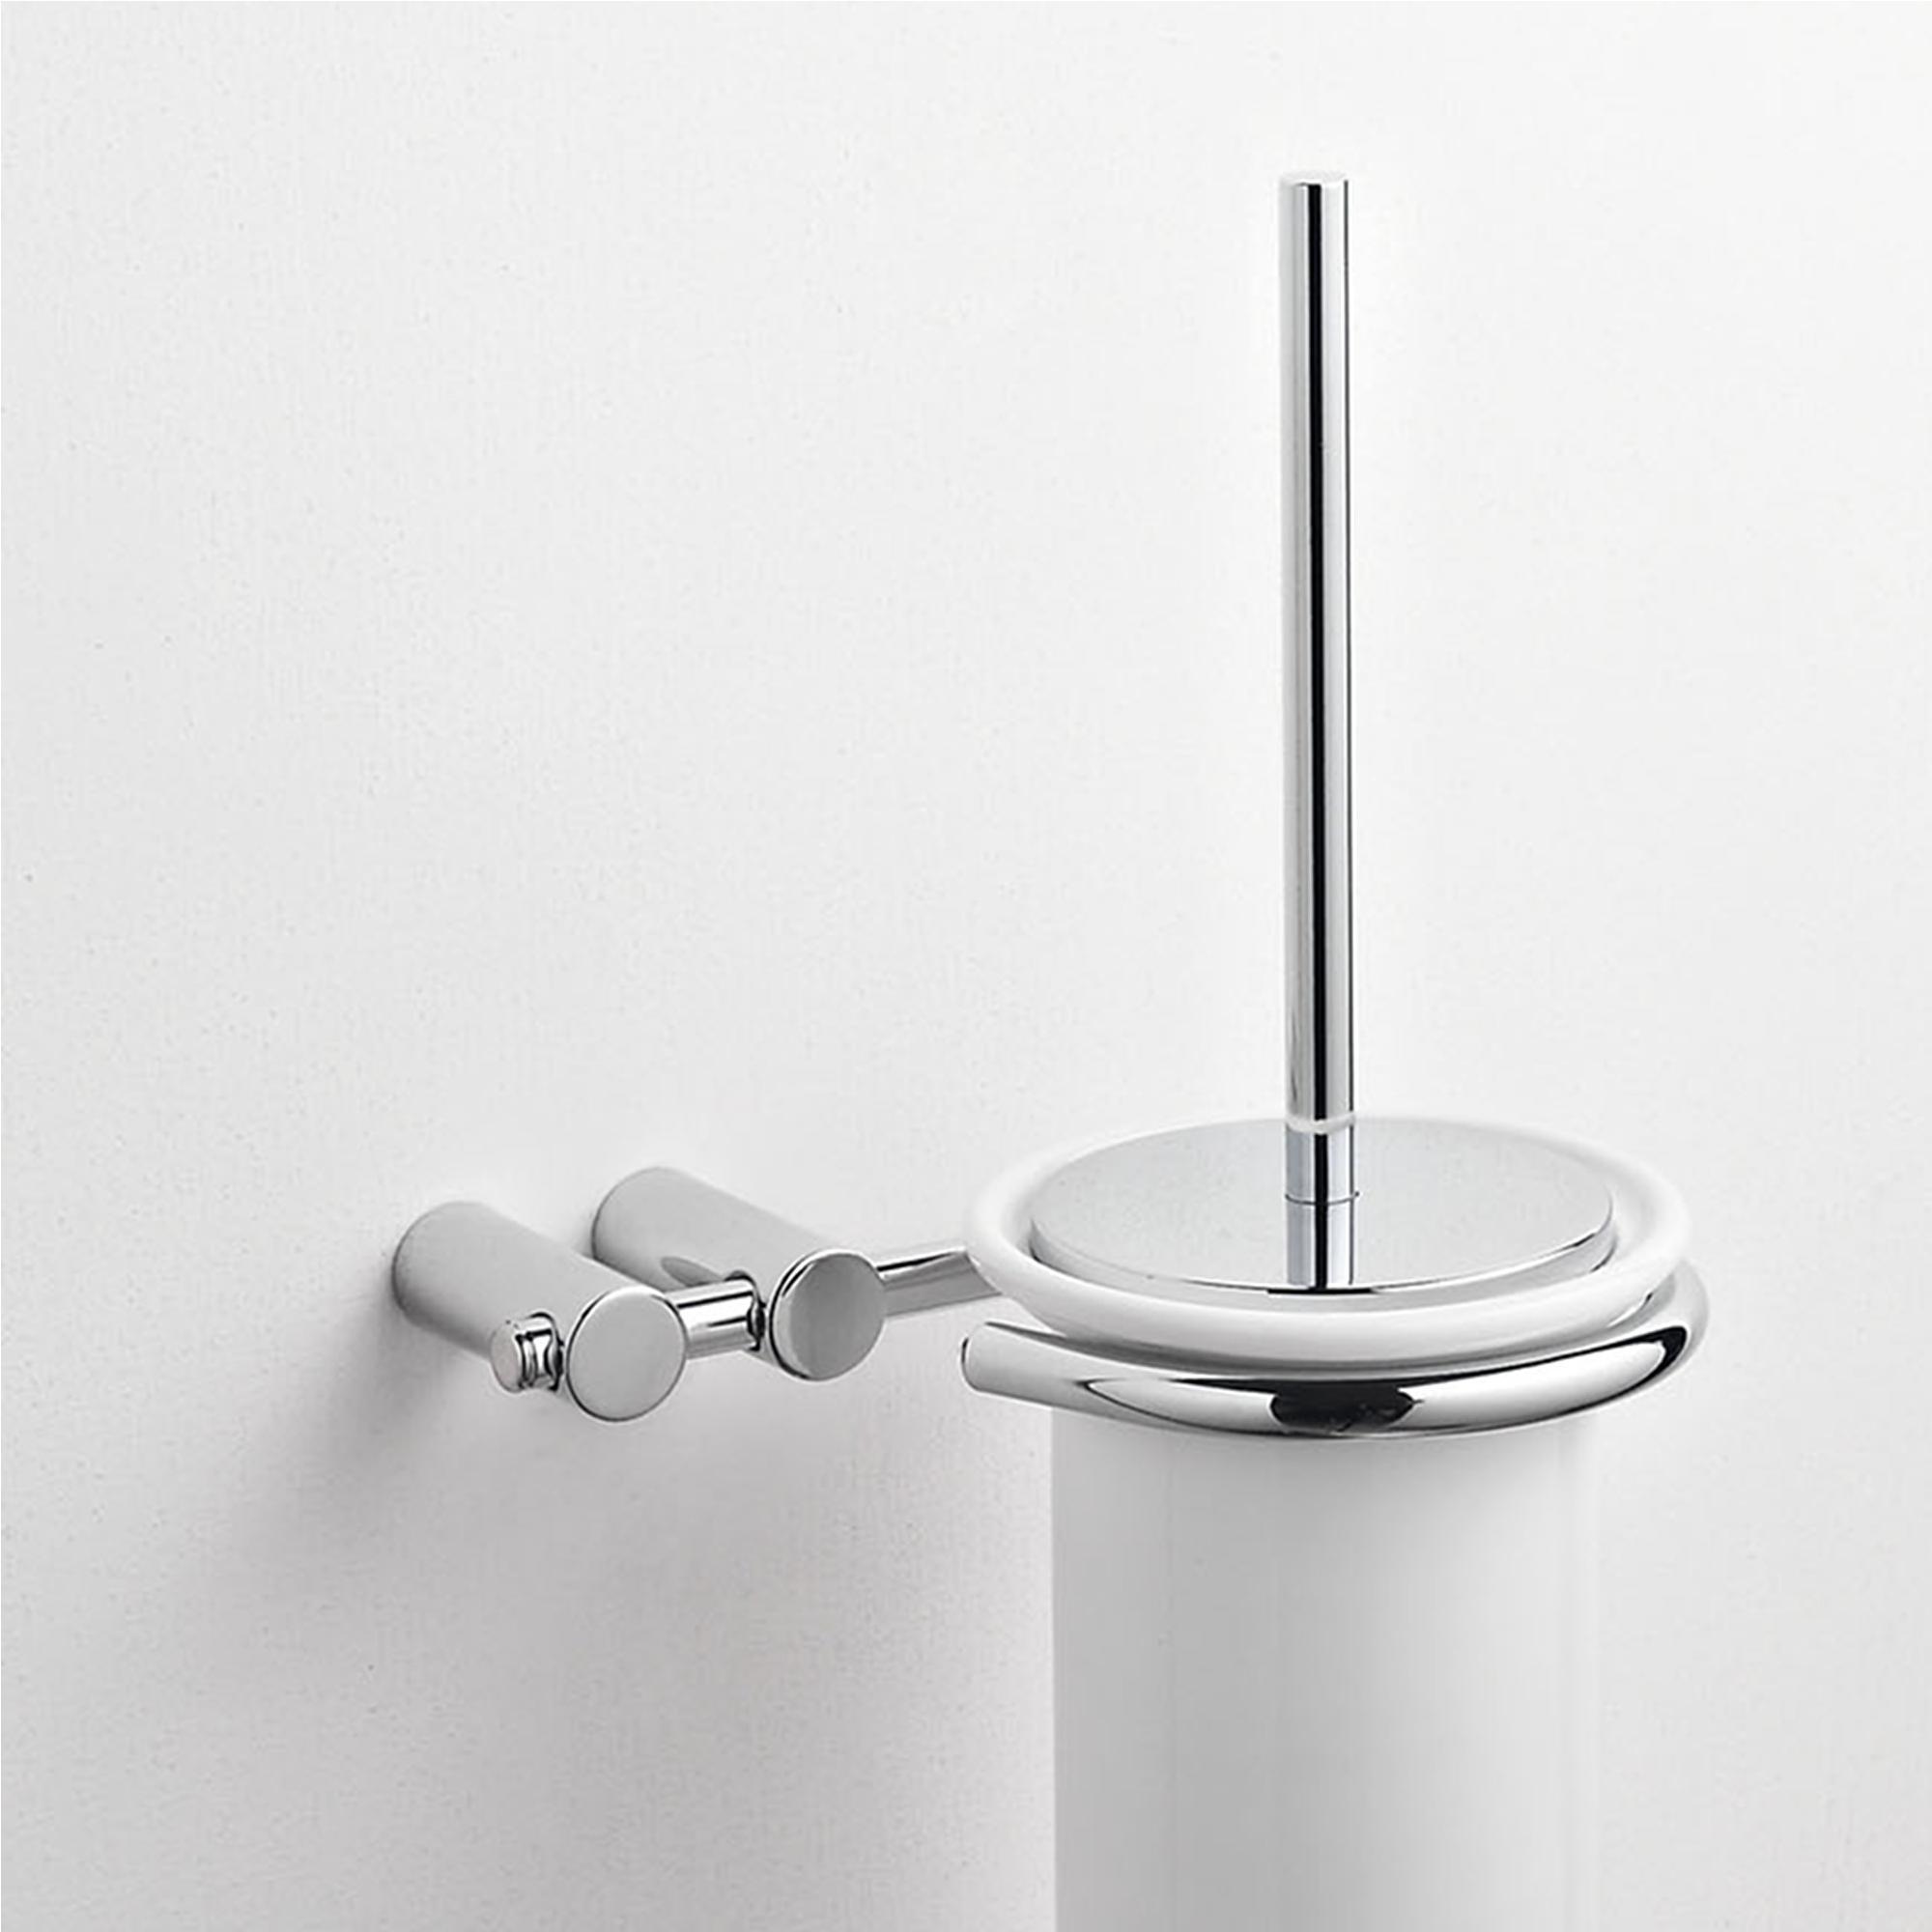 porta scopino sospeso da bagno 16x15xh39 cm in ceramica fissaggio ... - Scopino Da Bagno Design